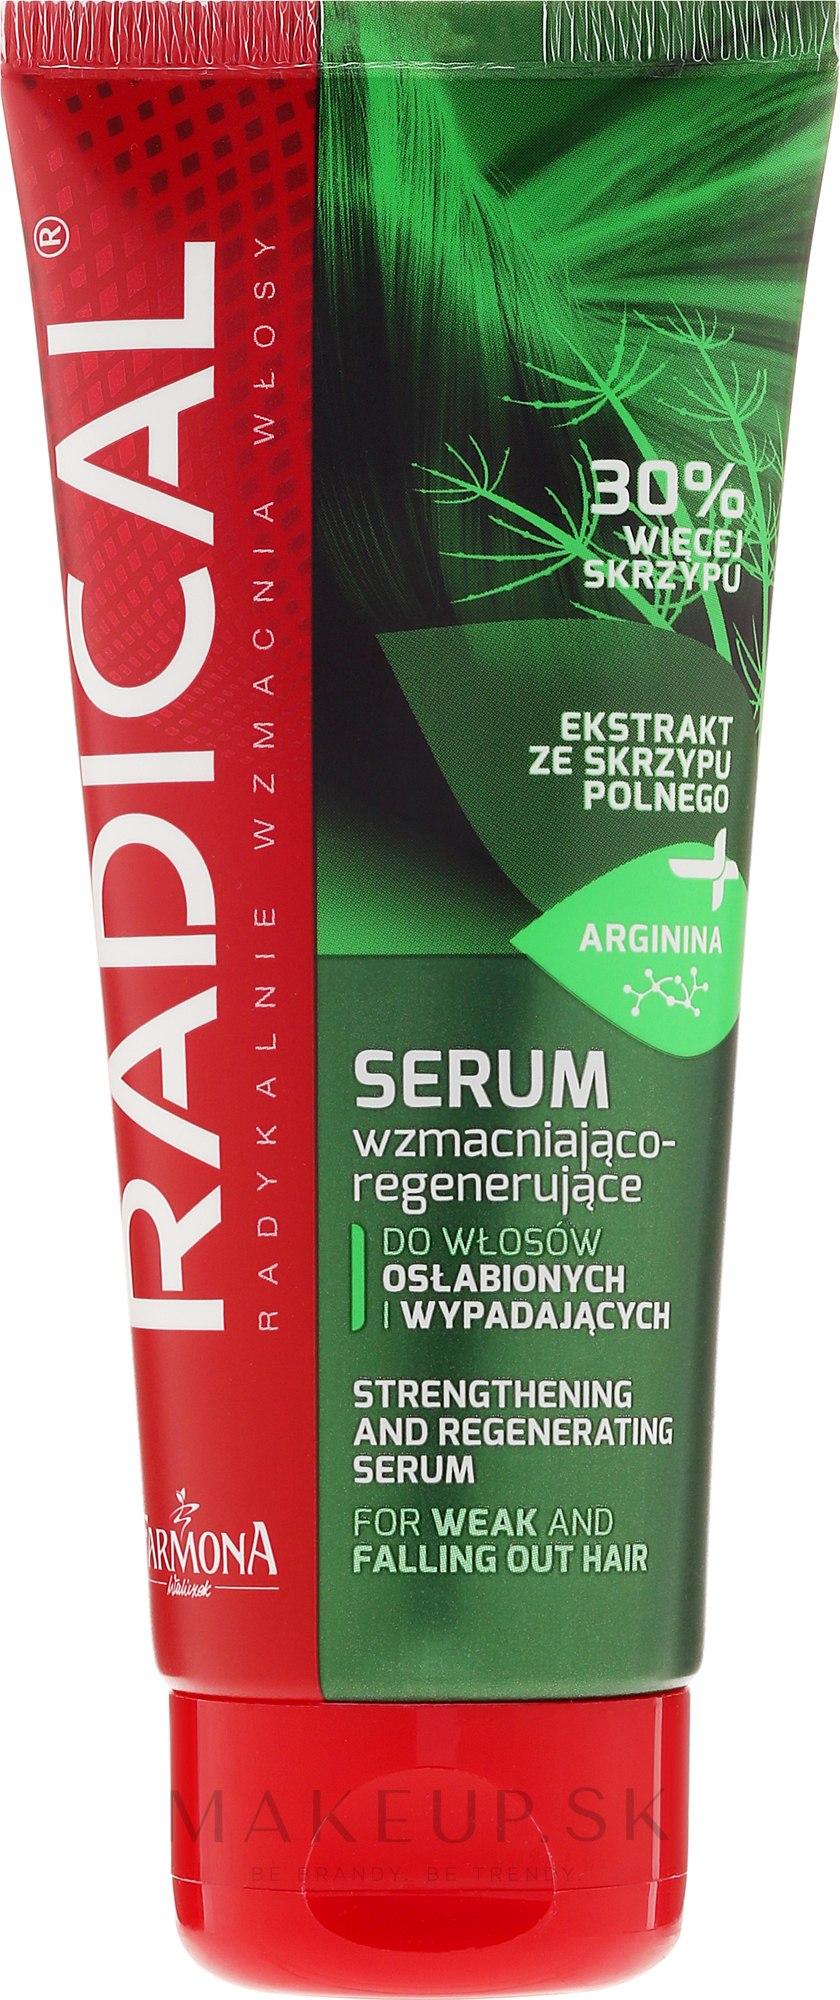 Serum spevňujúci pre slabé a poškodené vlasy - Farmona Radical Serum — Obrázky 100 ml